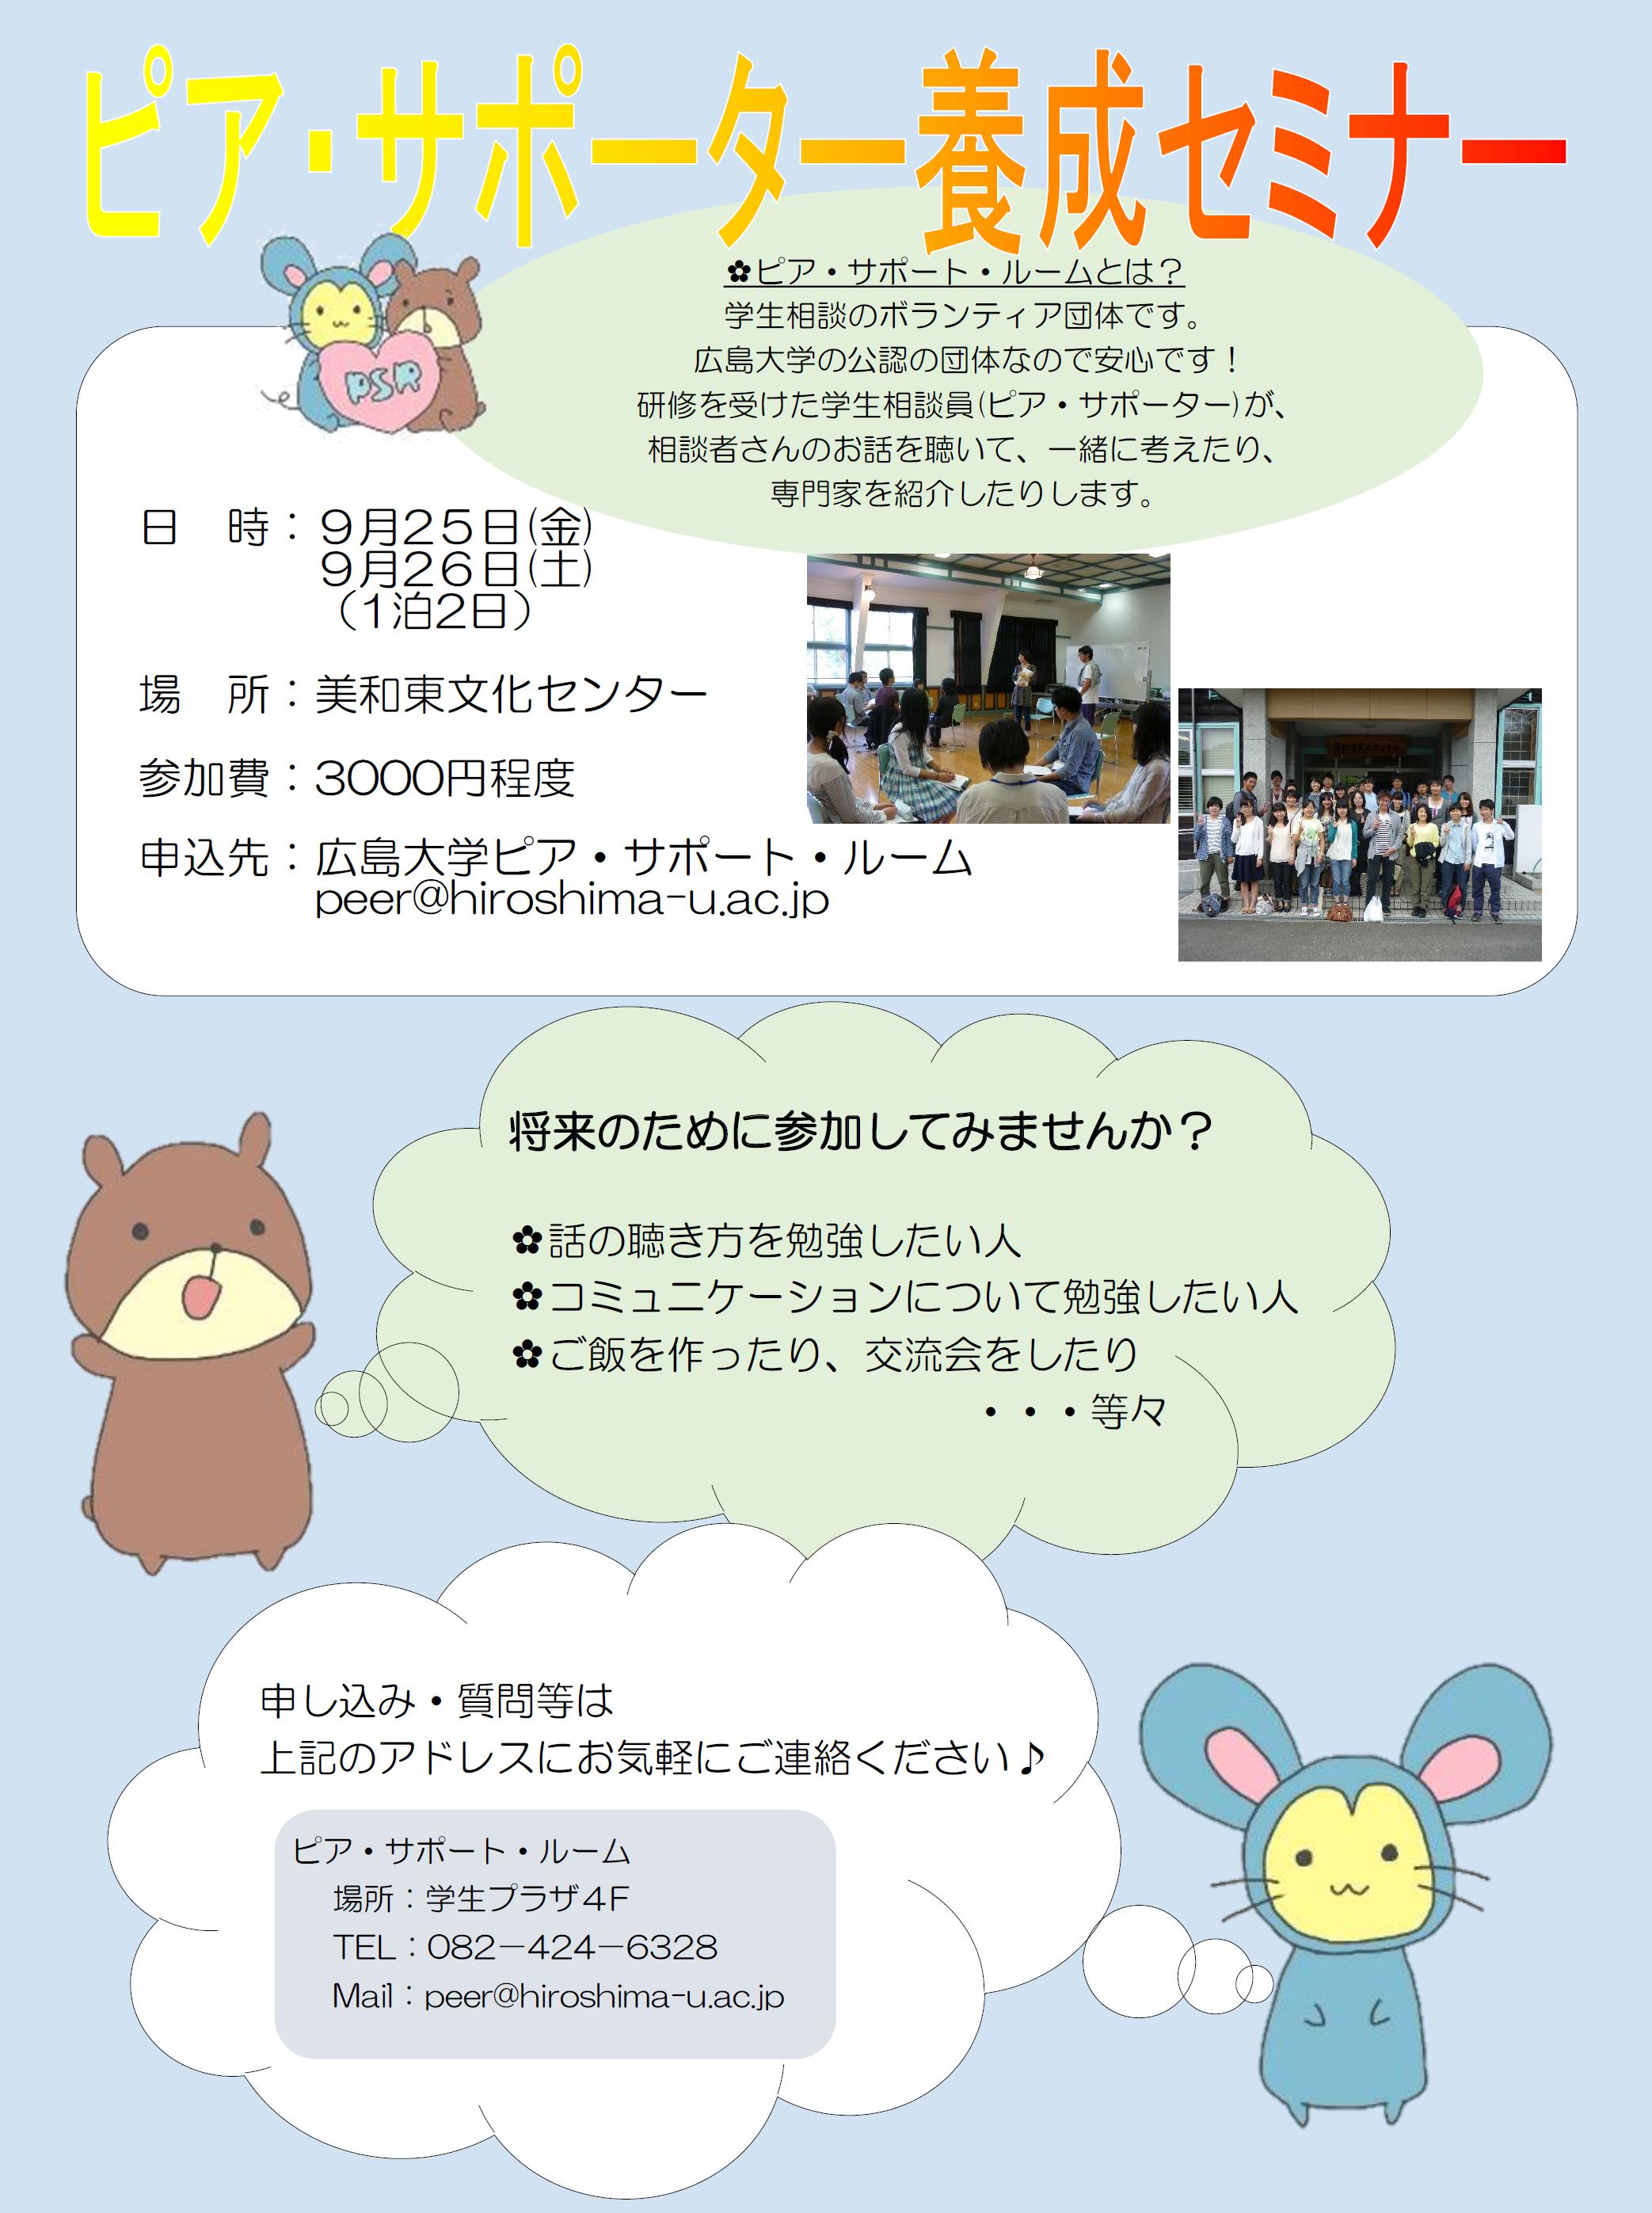 ピア・サポート・ルーム夏合宿を開催します!【締切延長】【広島大学ピア・サポート・ルーム】